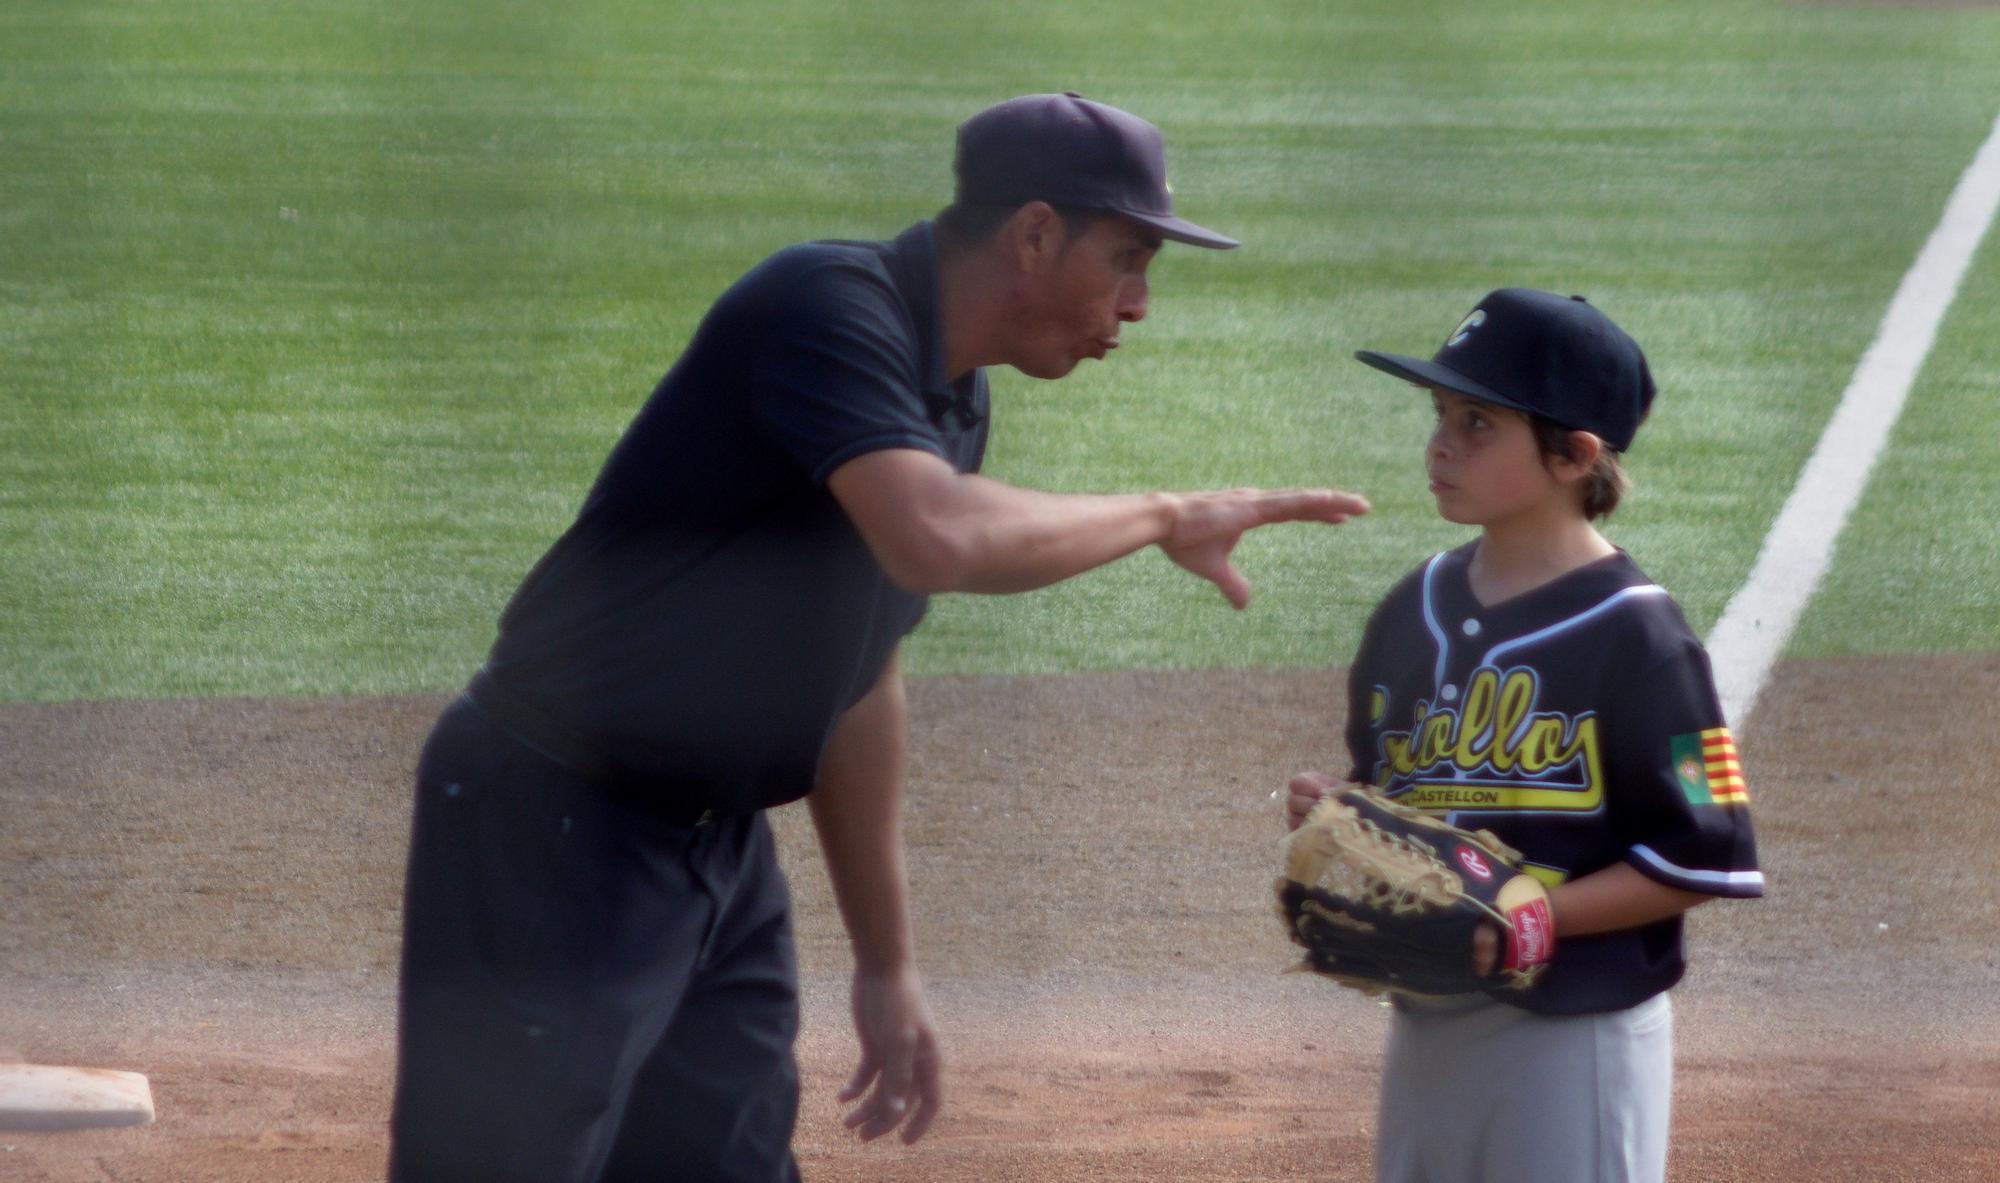 El entrenador da instrucciones a uno de los niños de los Criollos.